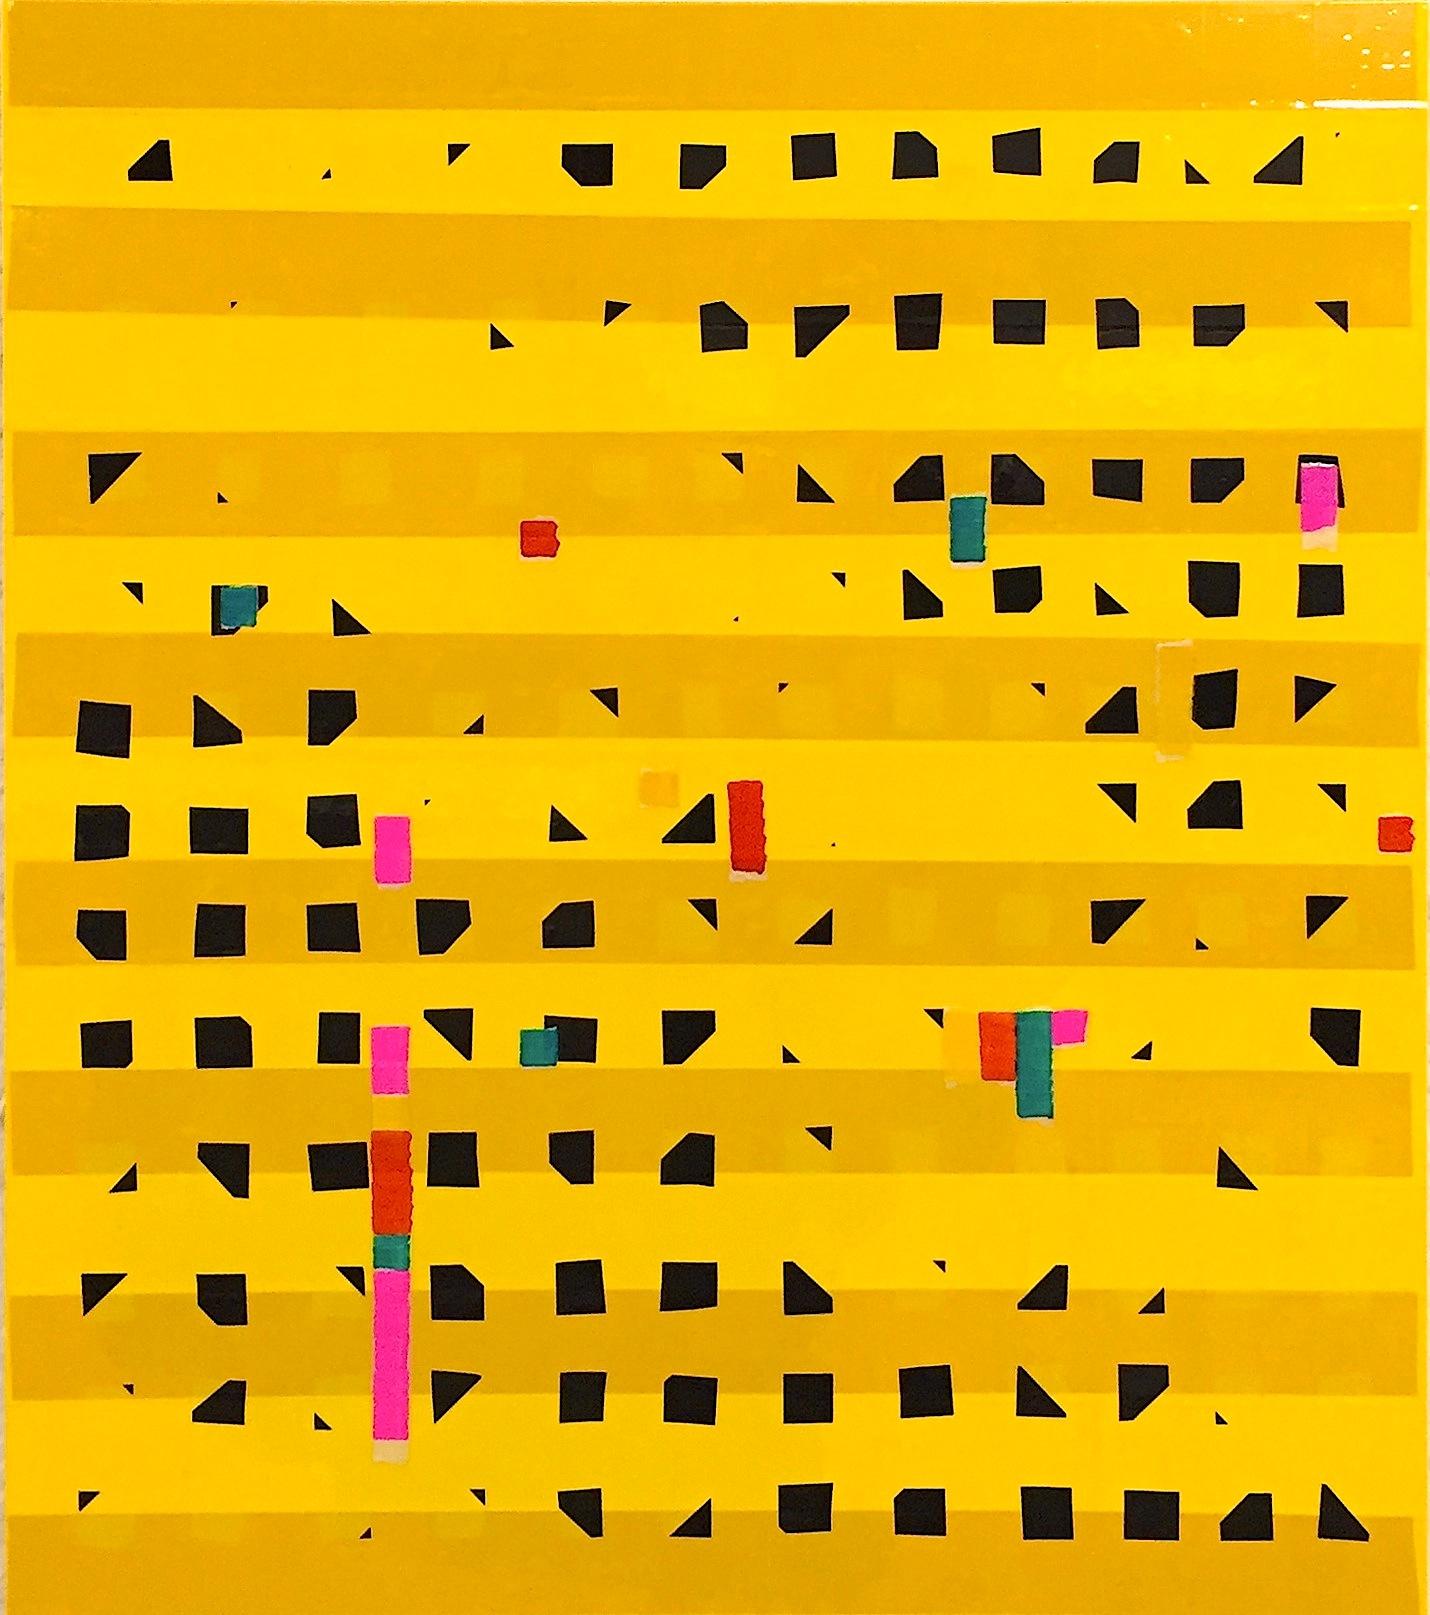 Funktor Oleksiy Koval, 2015 70 x 60 cm, marker, tape on FPY Photo © Klaus Mauz